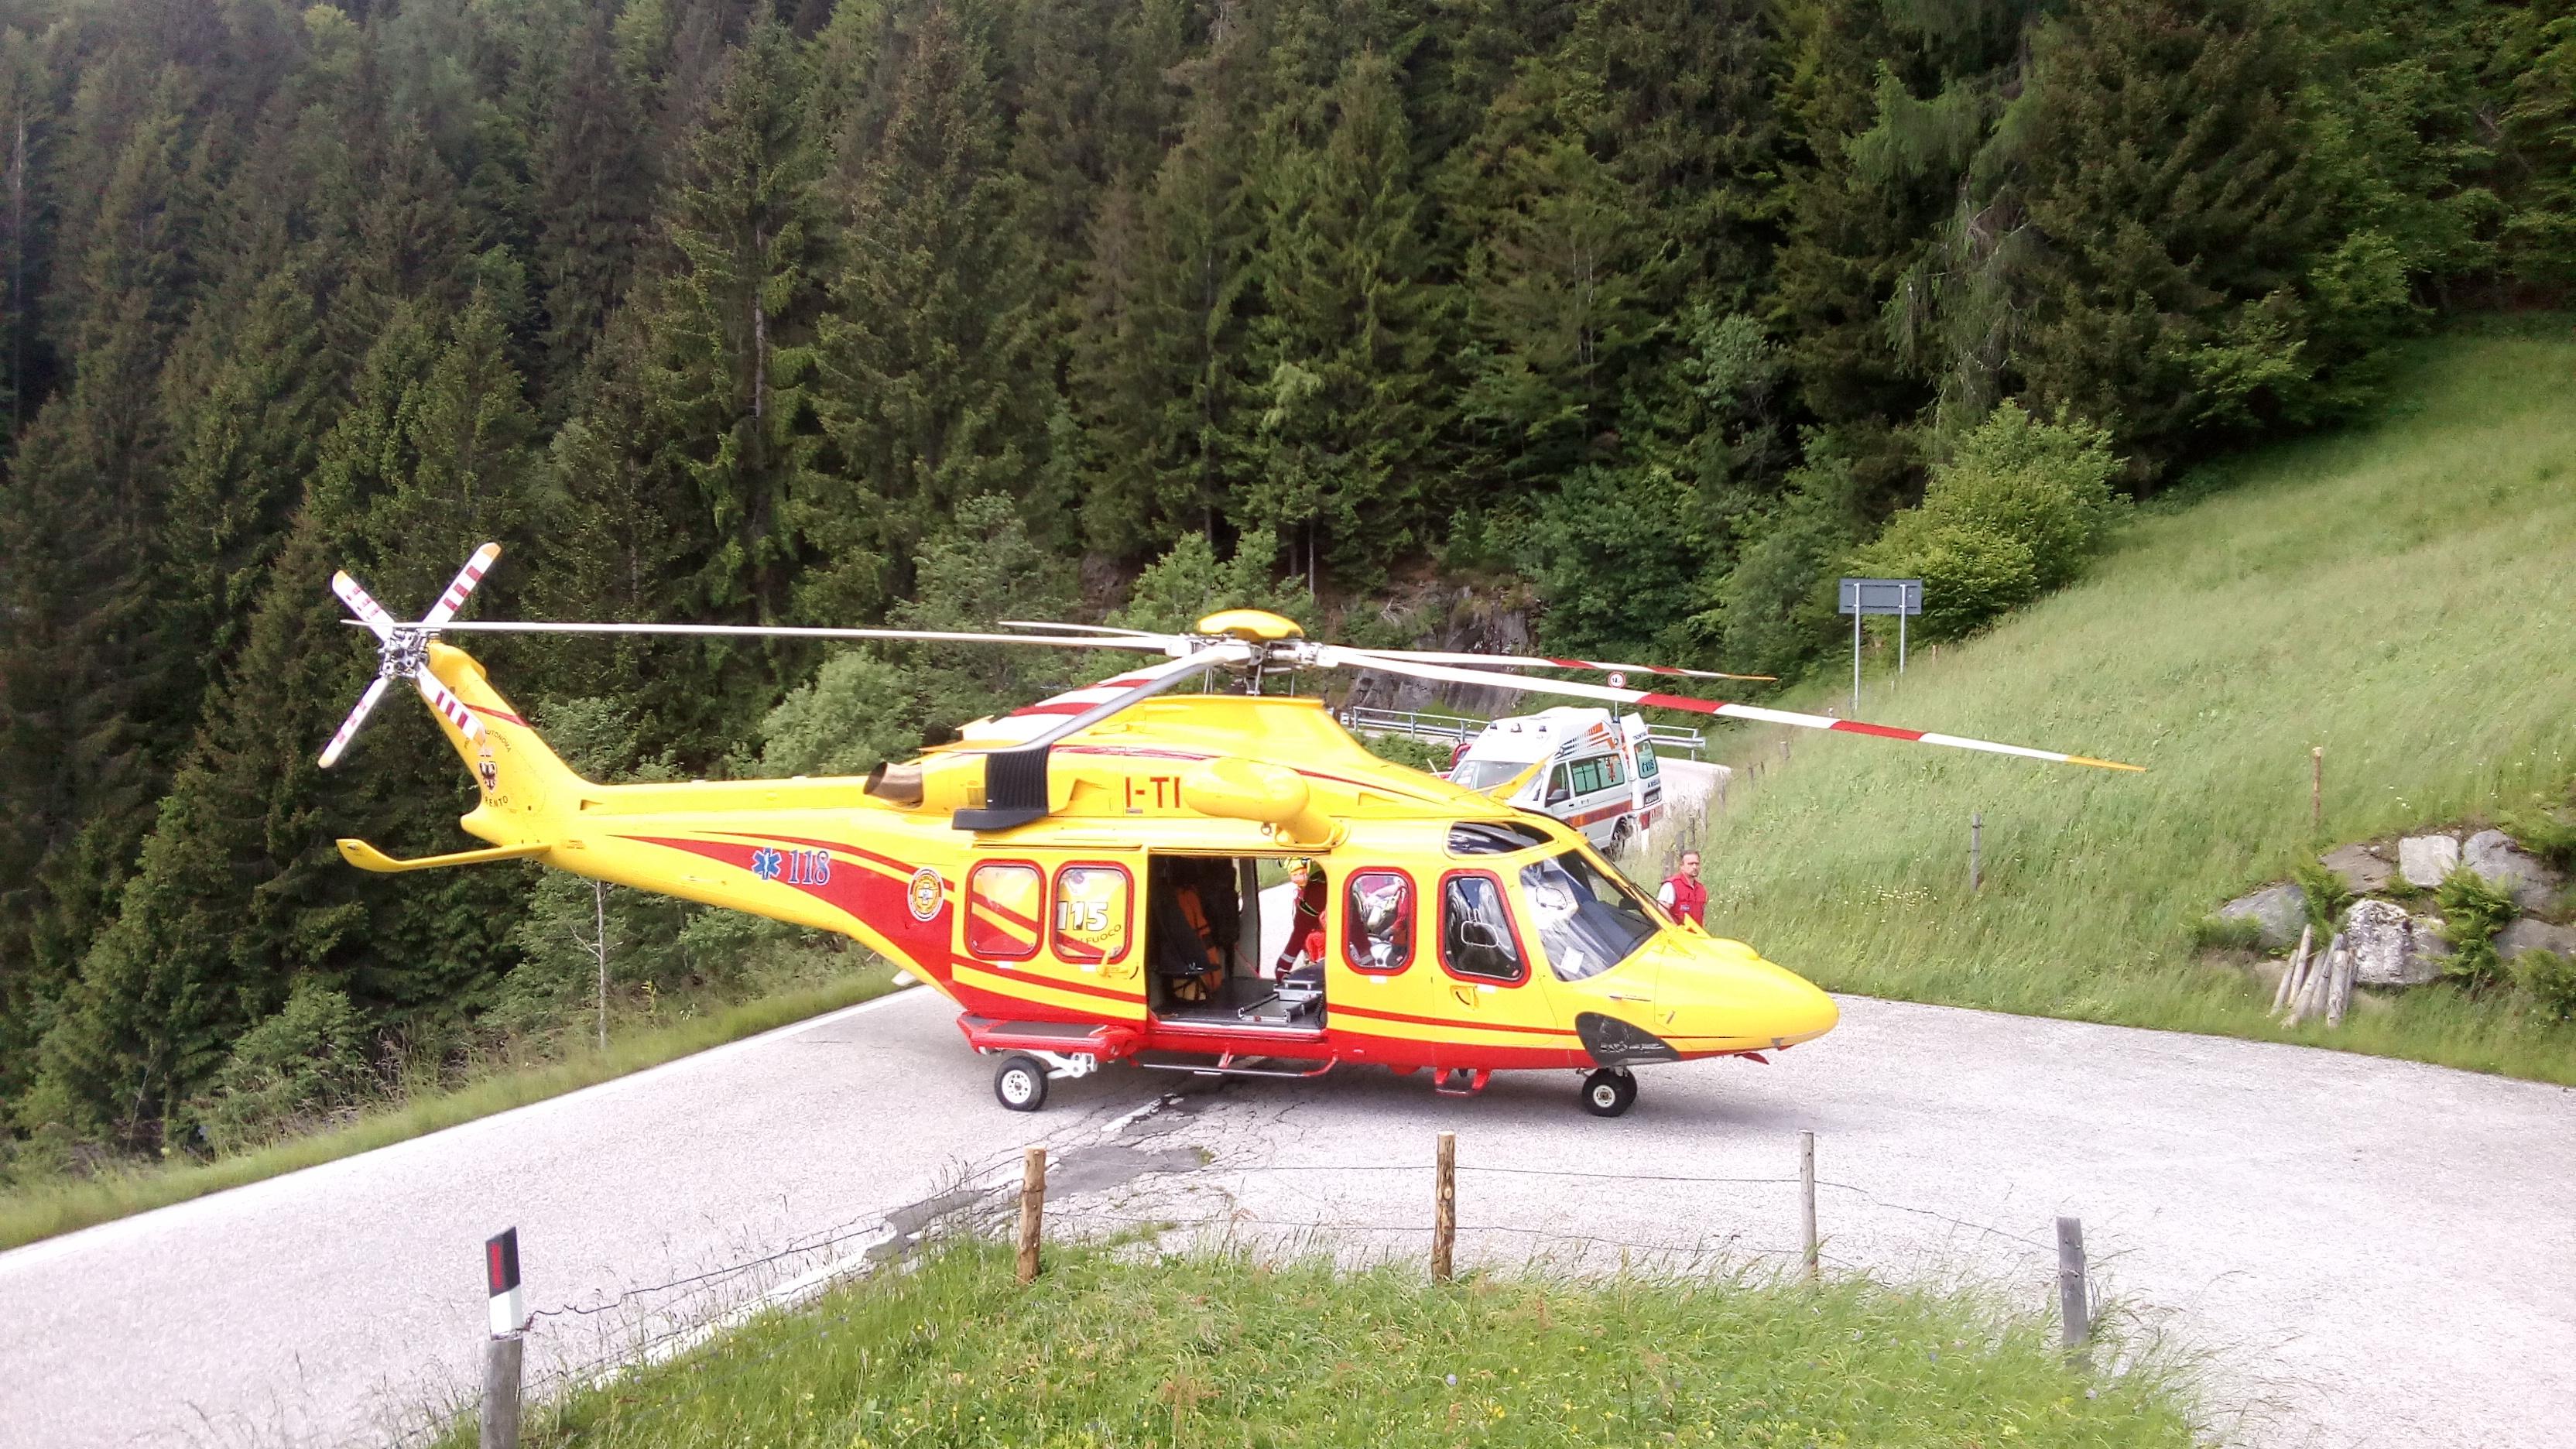 Elicottero 139 : Agusta aw 139 dd torna operativo il secondo elicottero della